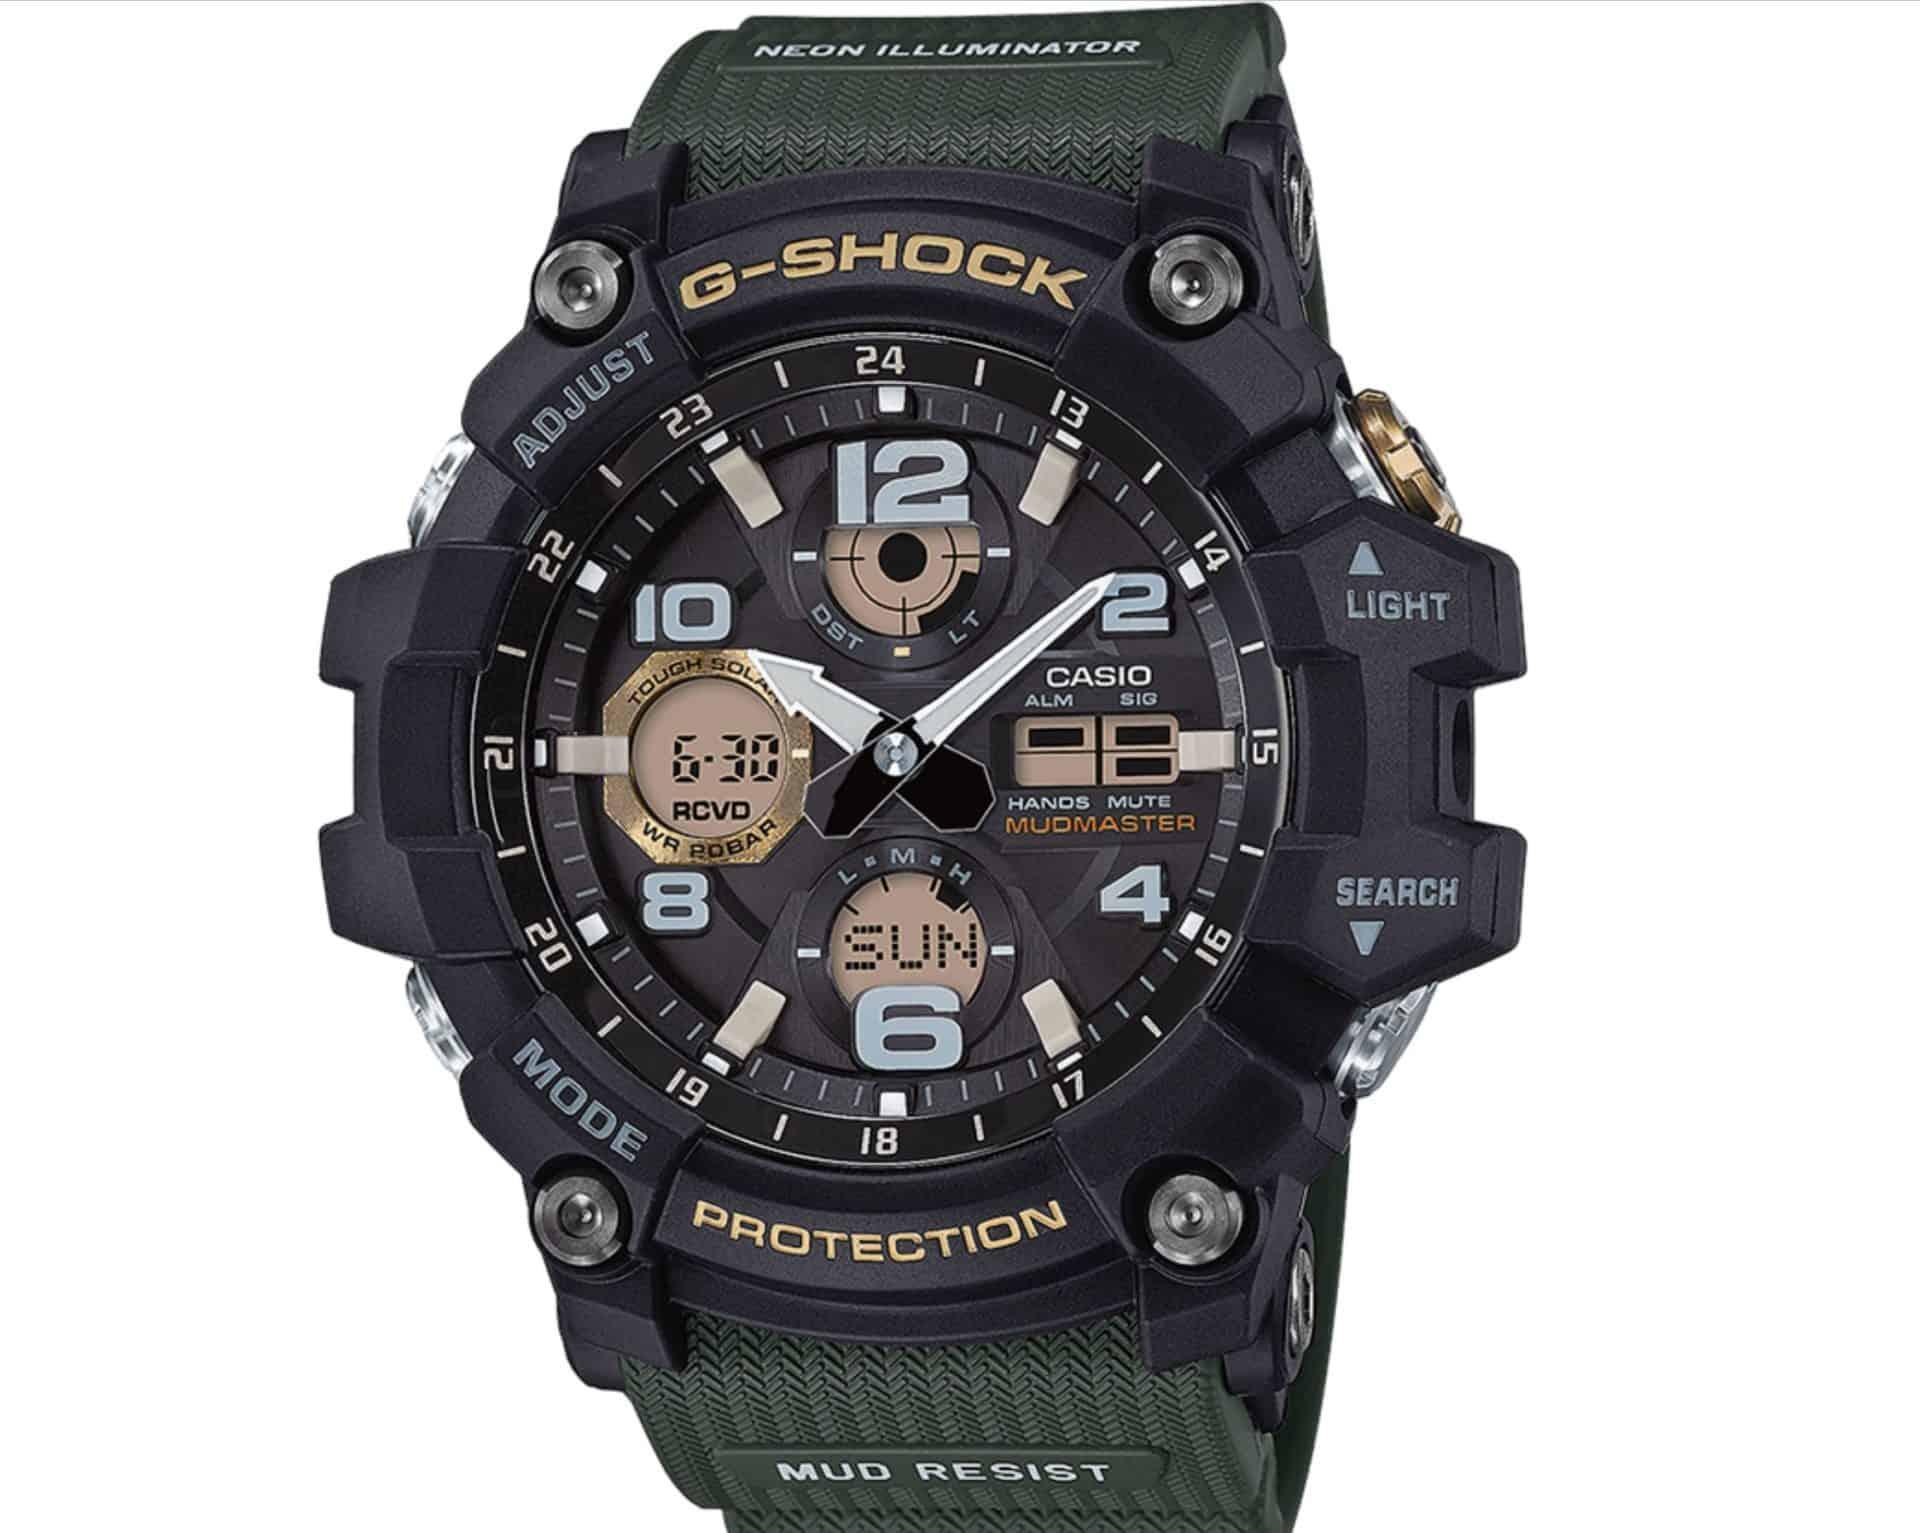 Eine Uhr für die Wildnis - die Mudmuster Casio G-Shock Multifunktionsuhr